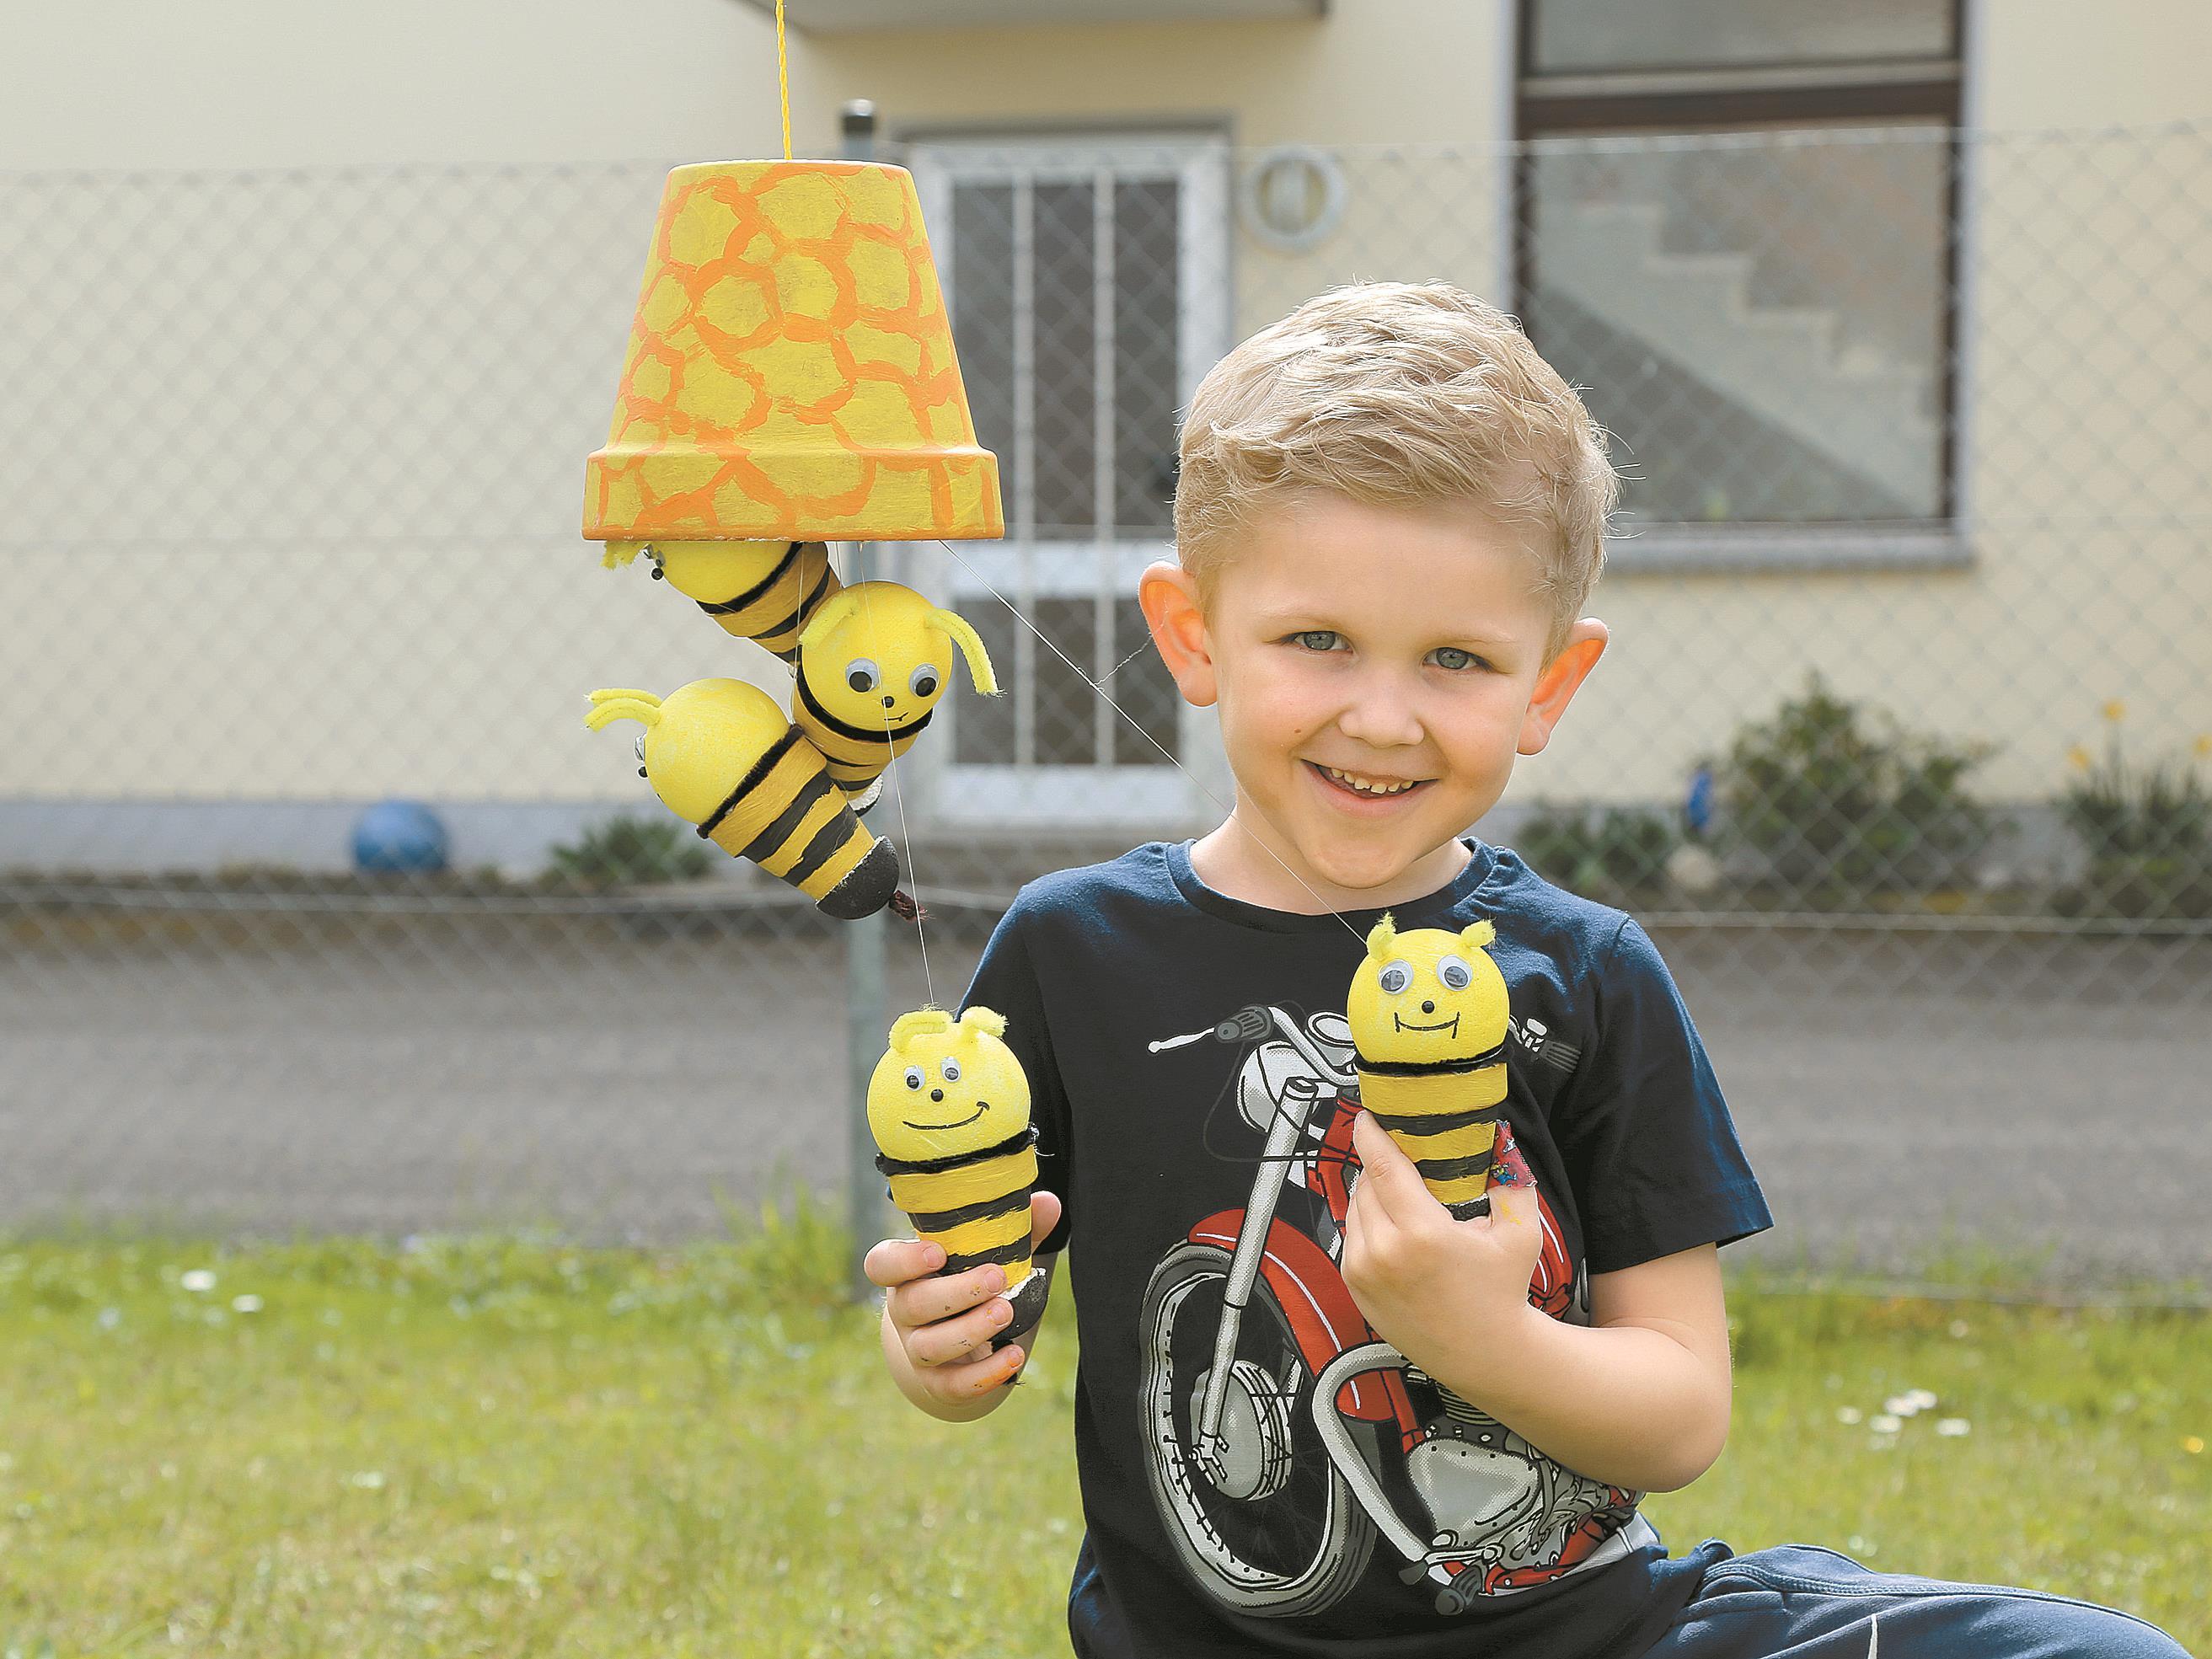 Jason ist Bienen-Fan. Das will er mit einer selbst gebastelten Decken-Dekoration beweisen.